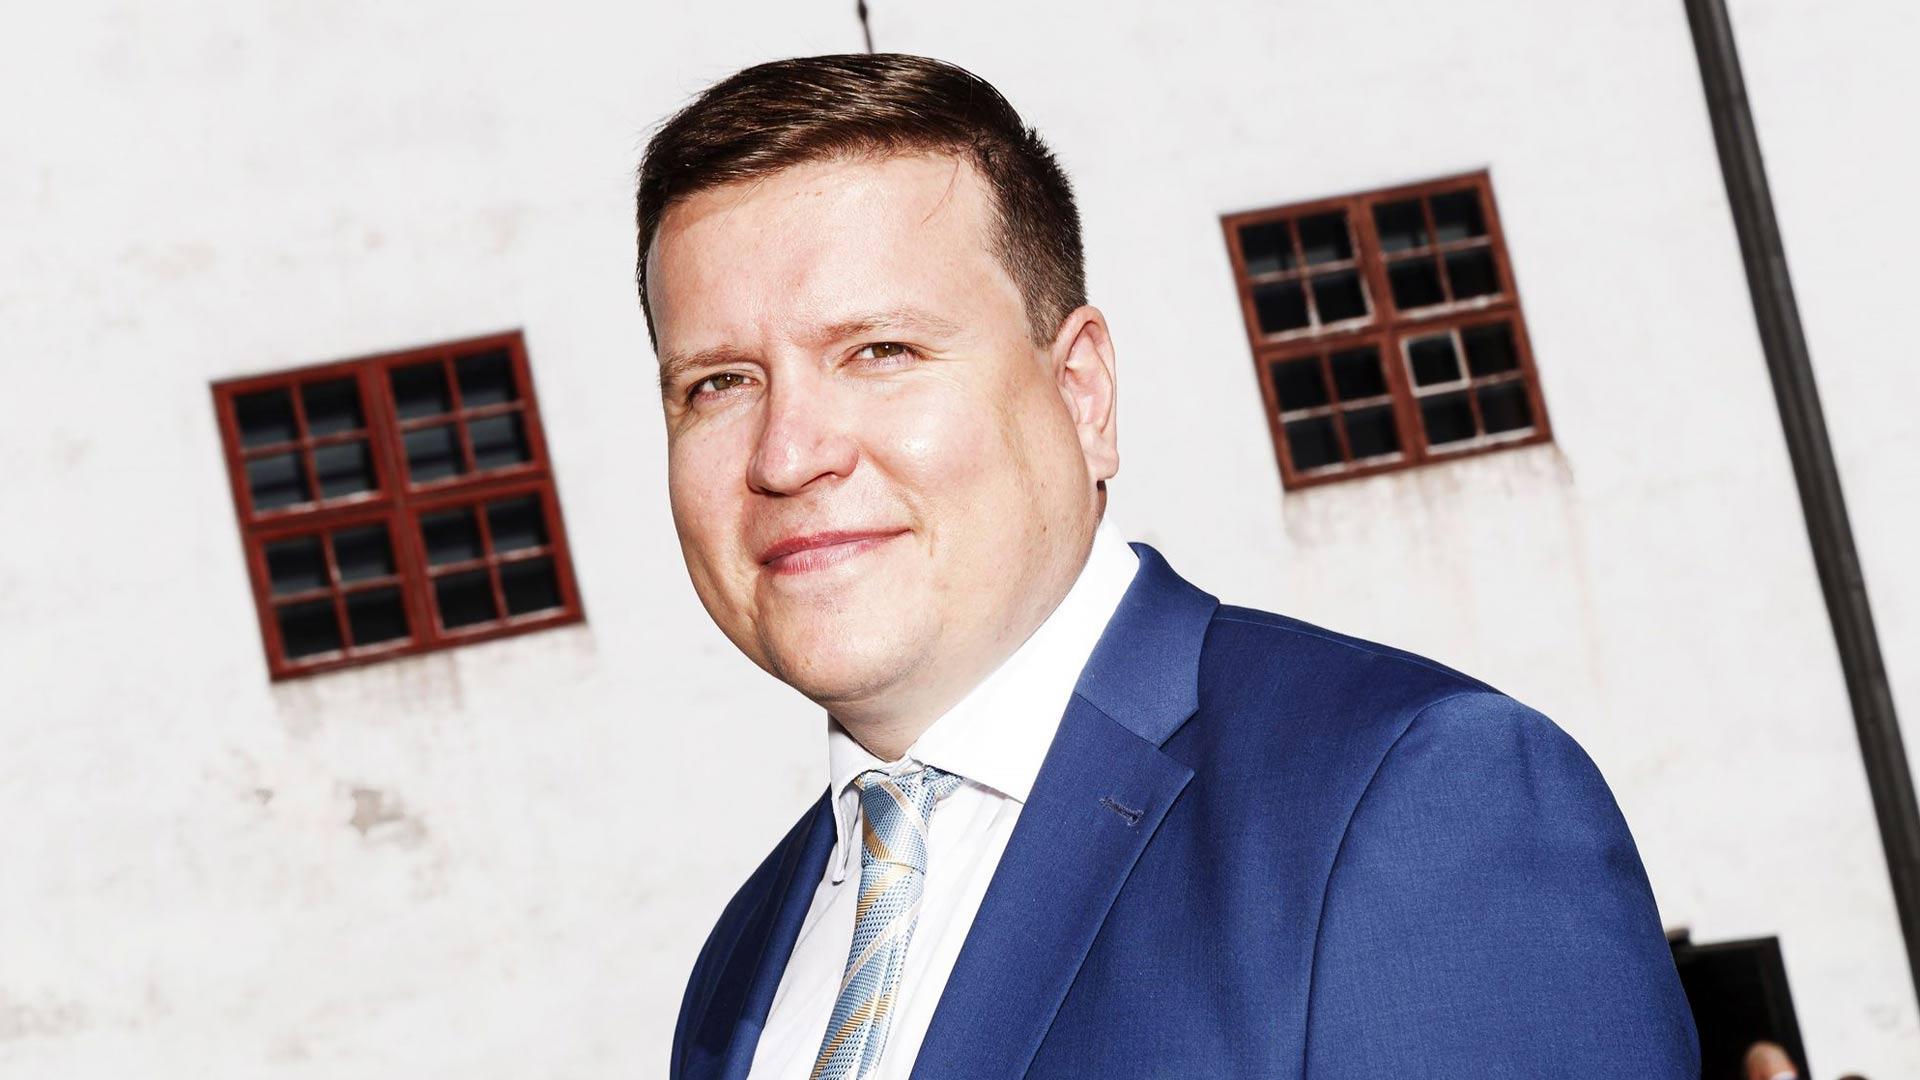 Perussuomalaisten eduskuntaryhmän puheenjohtajasta Ville Tavio ja vauvatalkoot